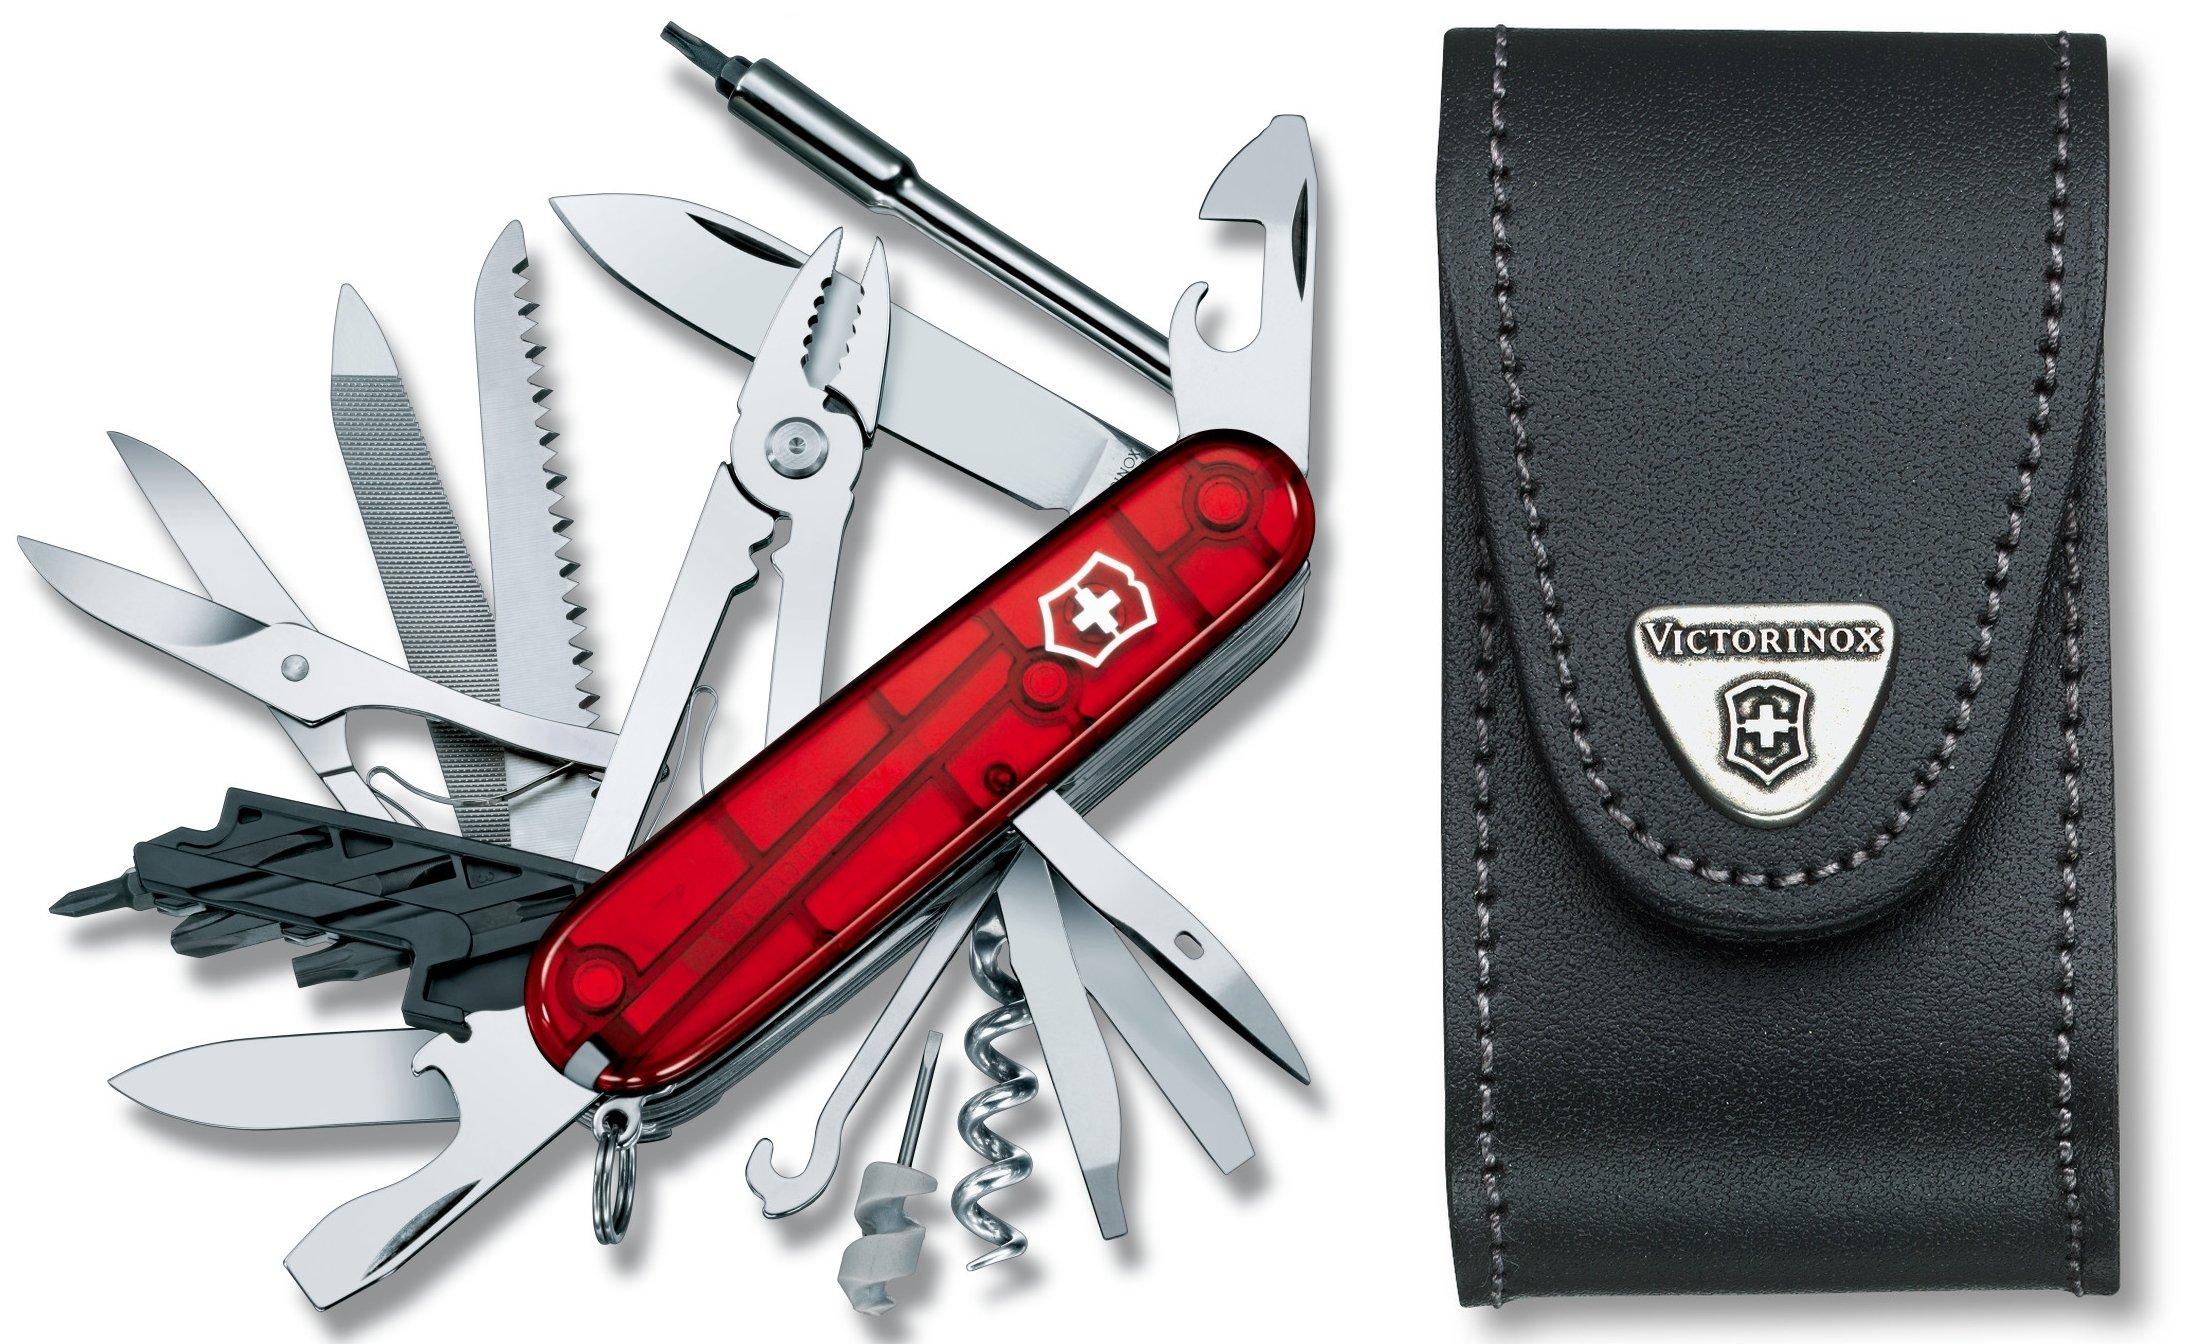 vreckový nôž Victorinox 1.7775.T CyberTool plus prípade